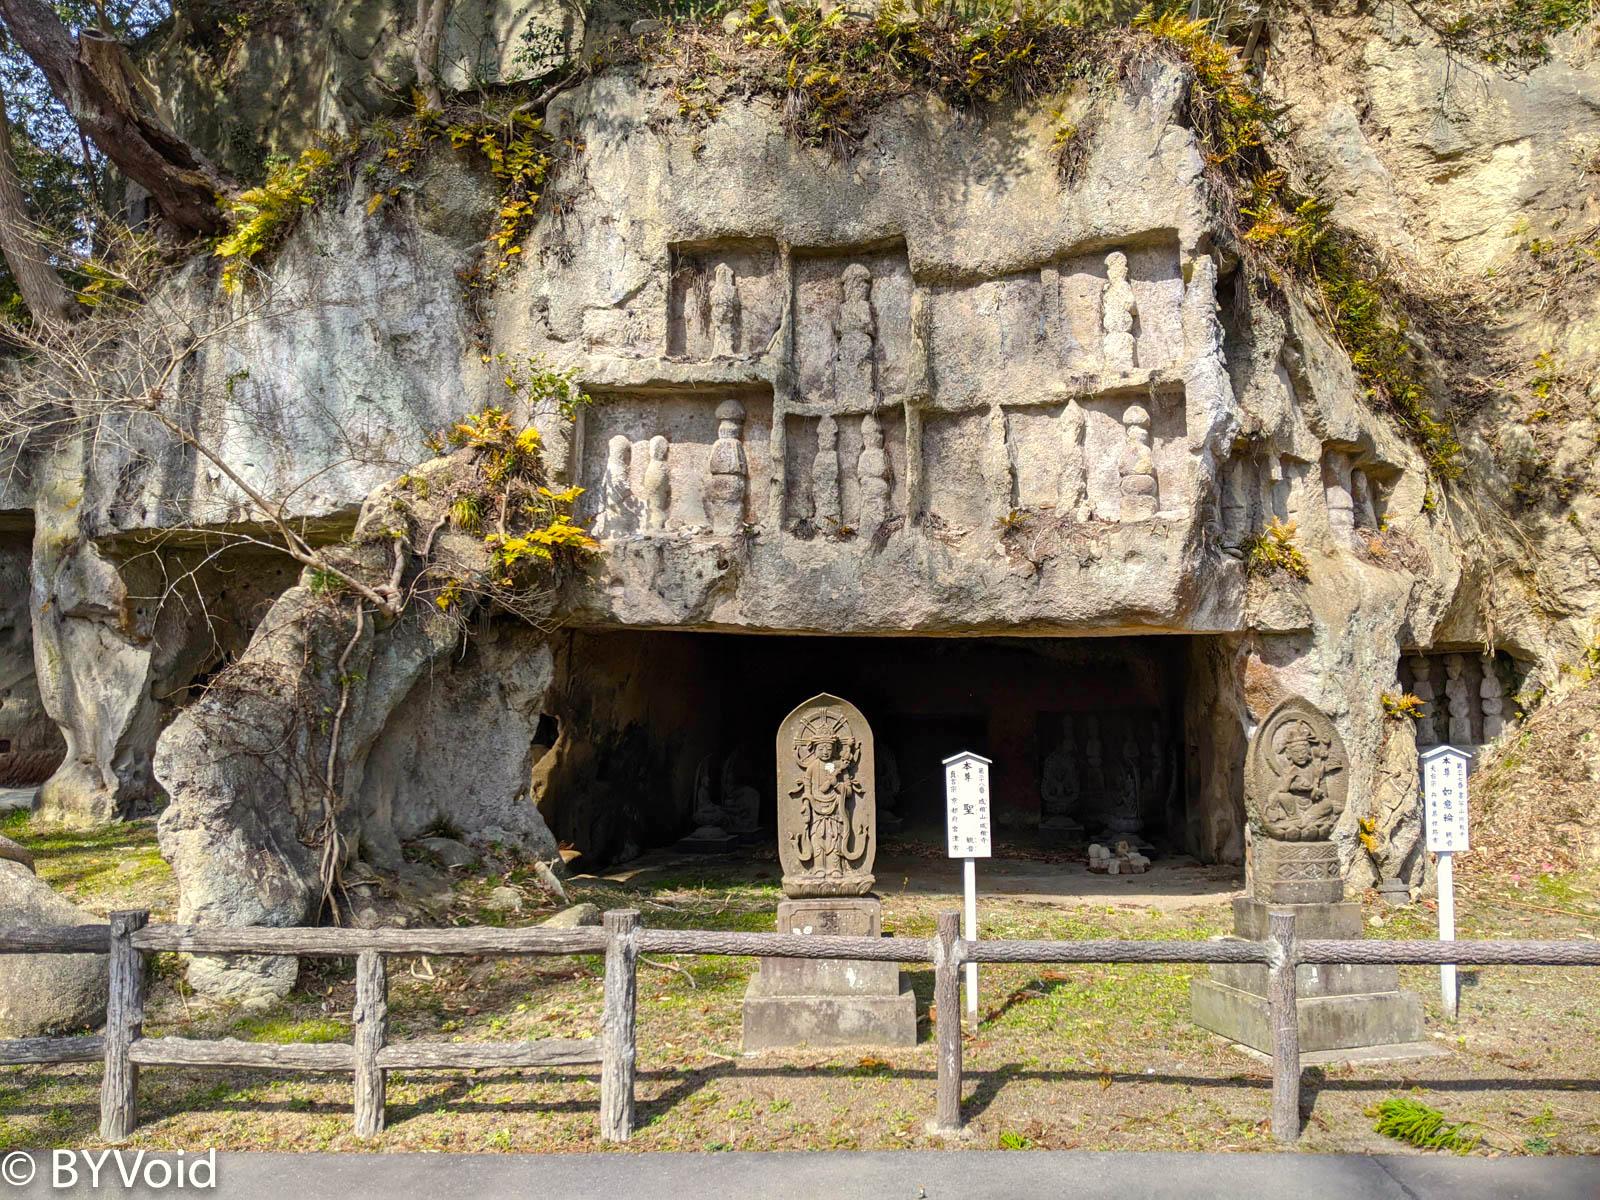 瑞岩寺石窟